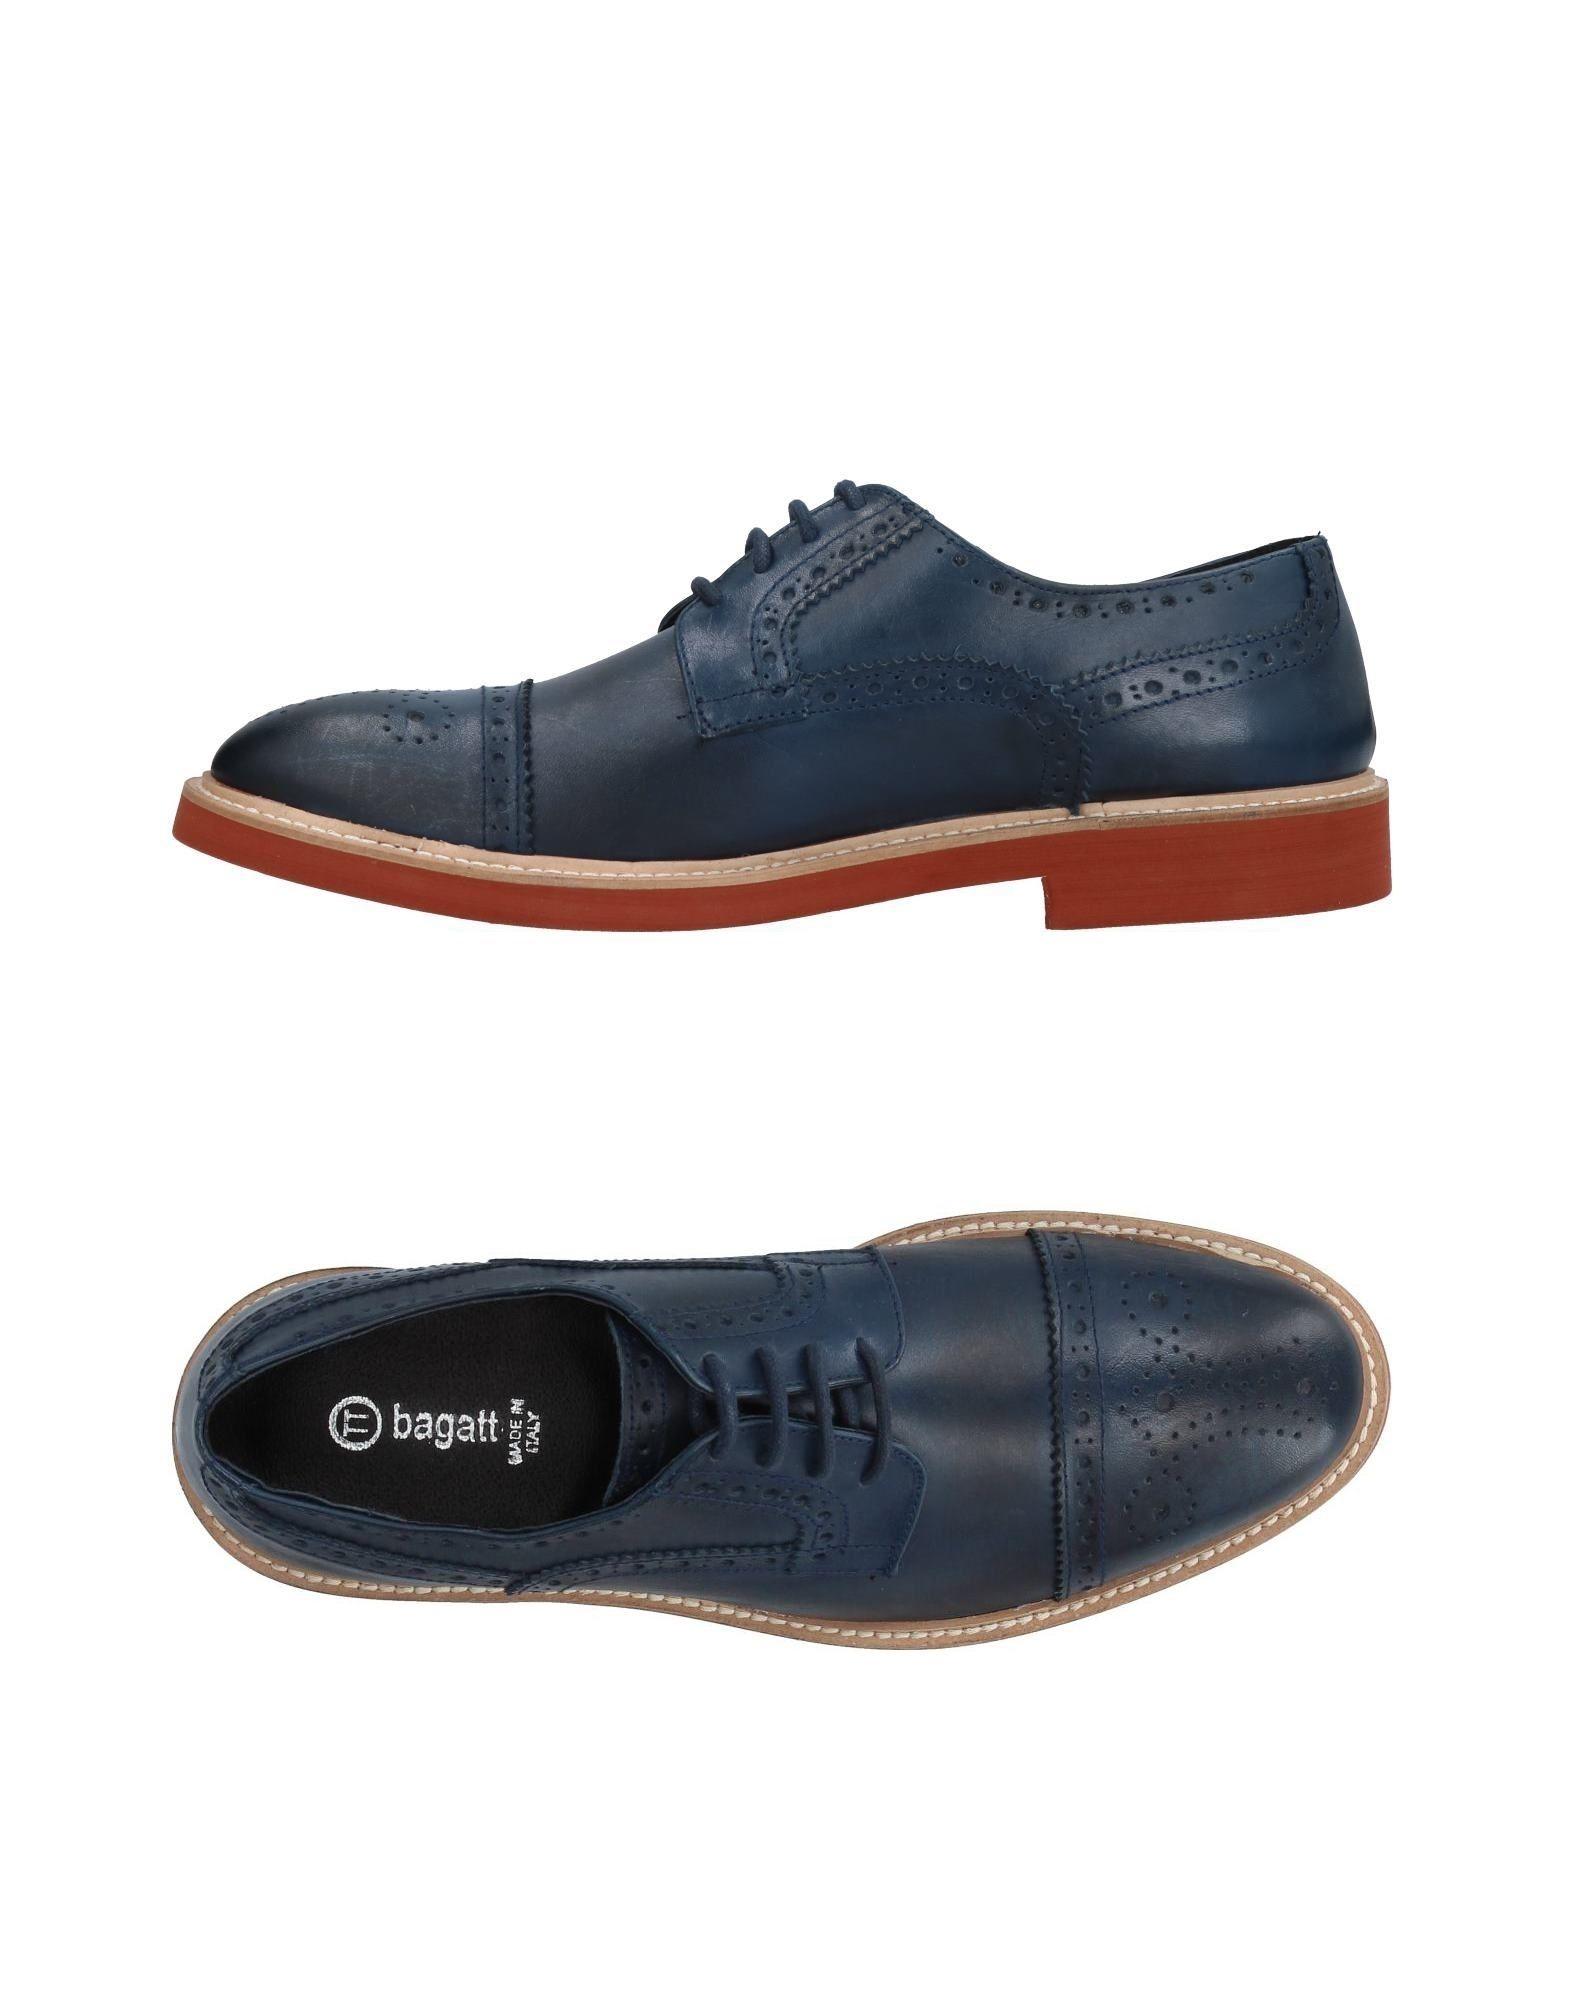 Haltbare Mode billige Schuhe Bagatt Schnürschuhe Herren  11413012PL Heiße Schuhe